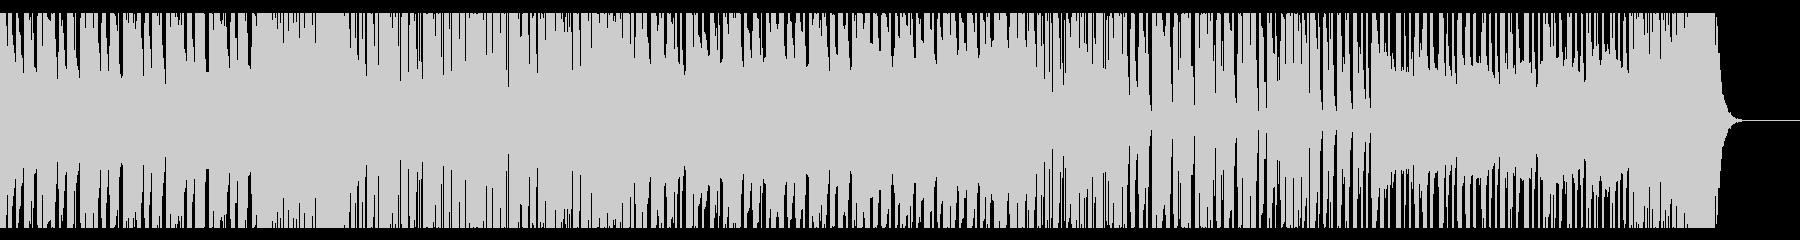 エモーショナルで切ないエレクトロBGM!の未再生の波形